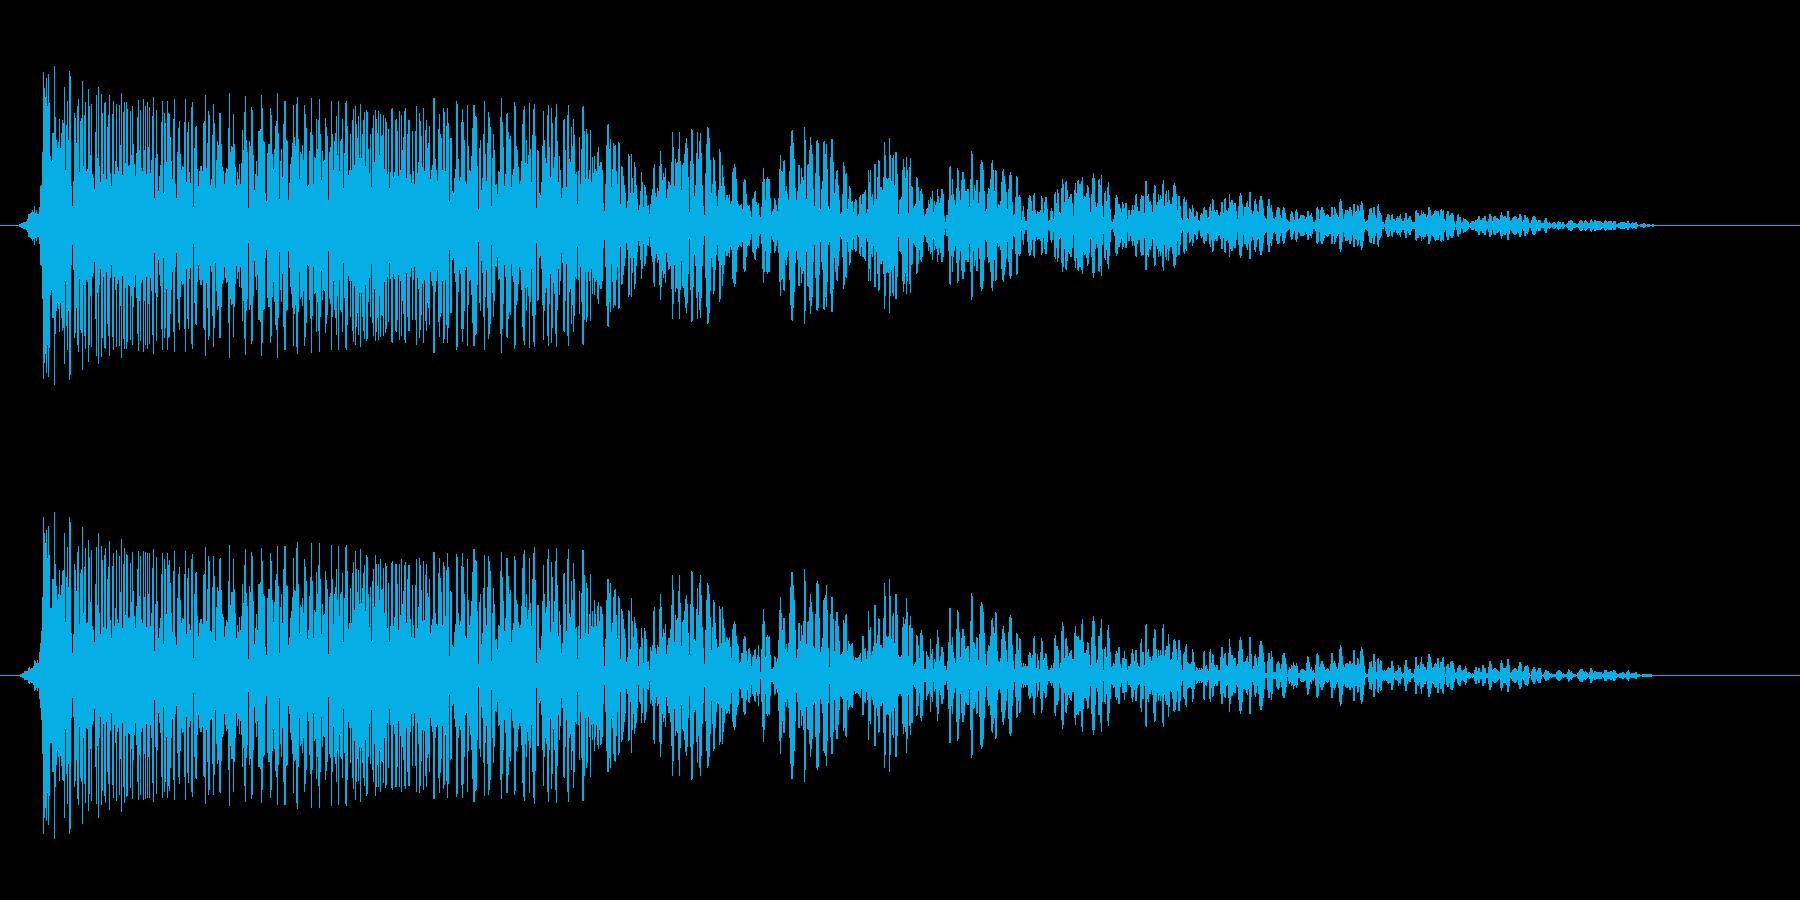 ビヨヨヨーン(低音強め)の再生済みの波形